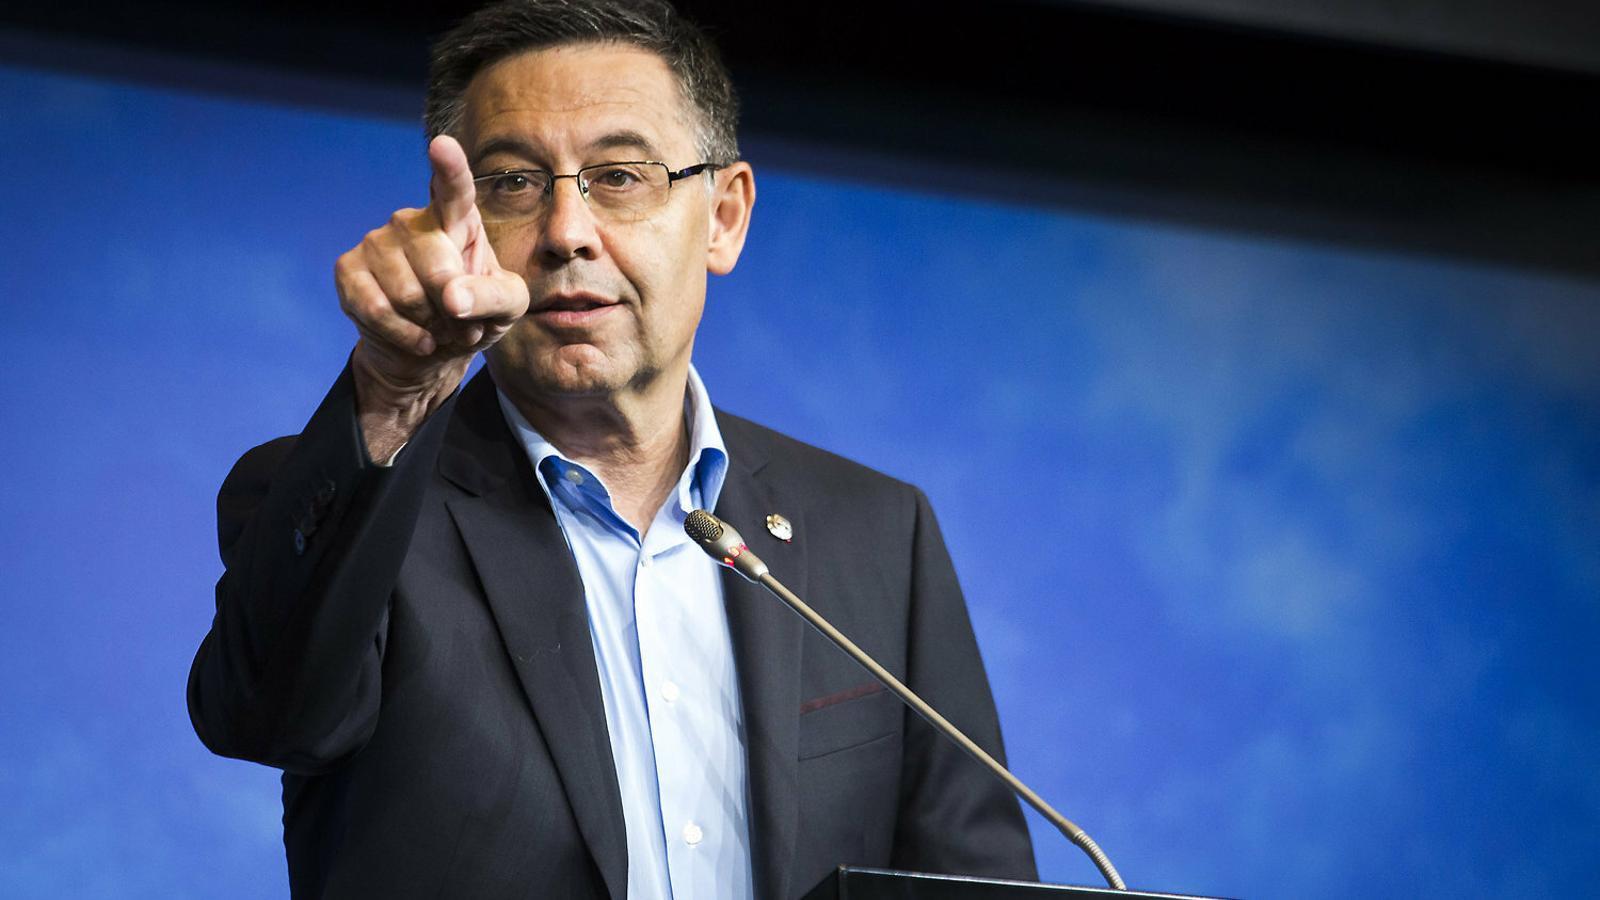 El president del Barça, Josep Maria Bartomeu, en una imatge d'arxiu d'aquesta temporada durant la seva compareixença en la presentació de De Jong.